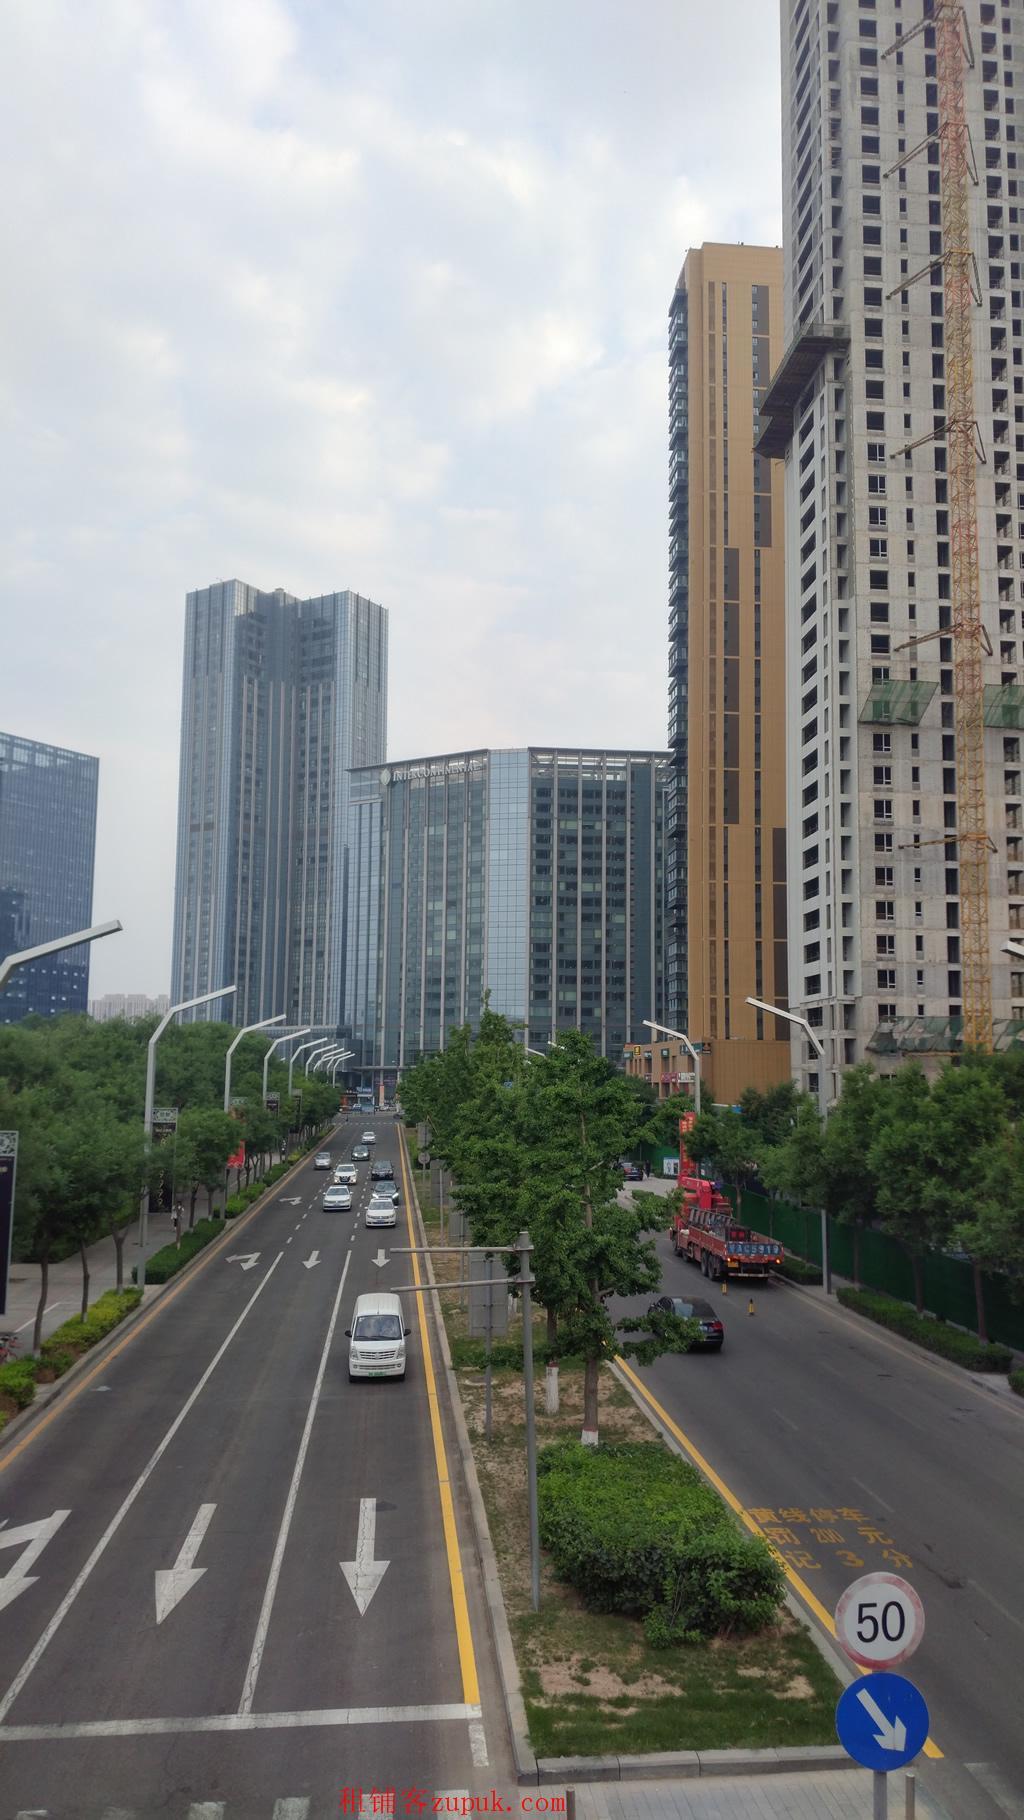 长风商务区洲际酒店旁临街商铺出租